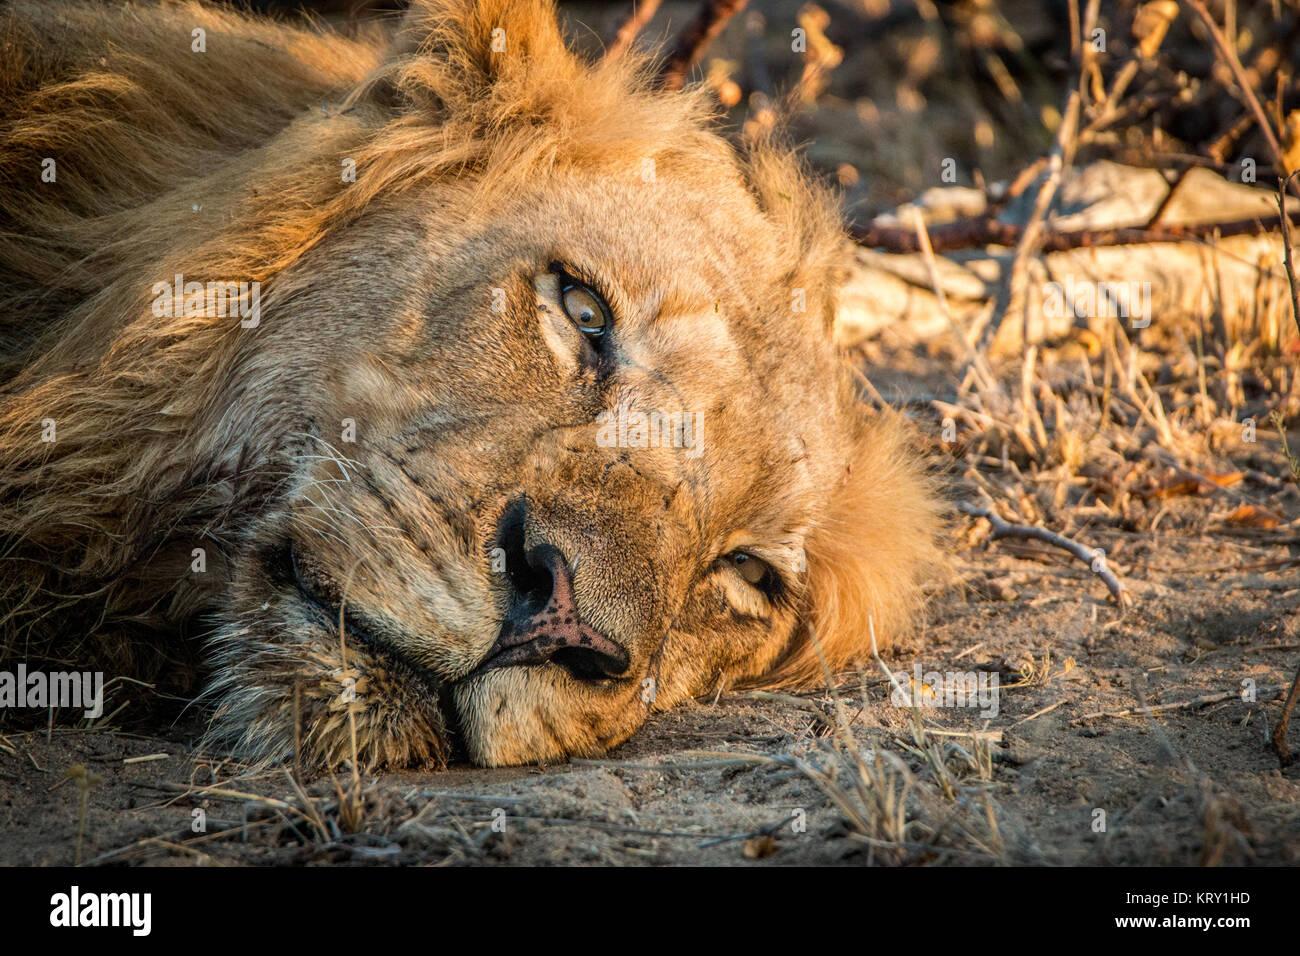 Domestic lion